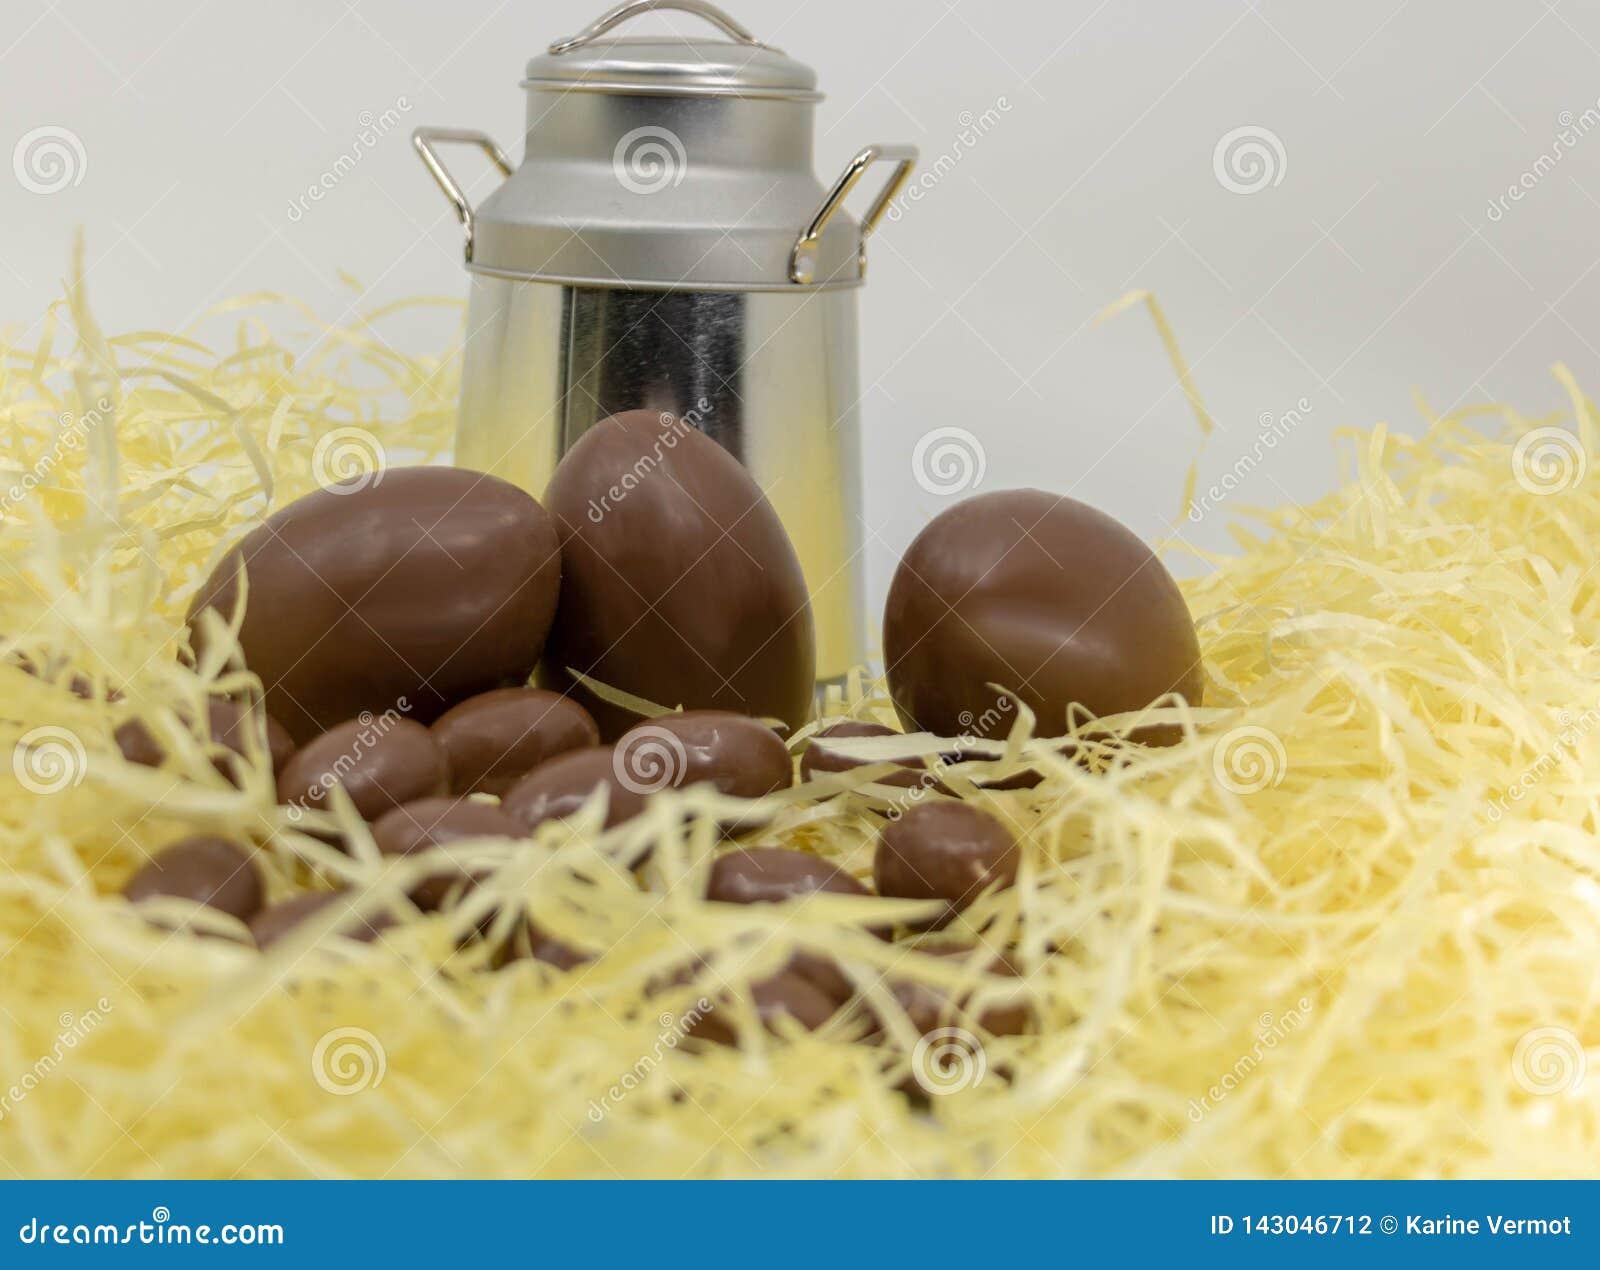 Πάσχα στο αγρόκτημα, τα γαλακτοκομικά προϊόντα, τα αυγά σοκολάτας και την ντεμοντέ κανάτα γάλακτος